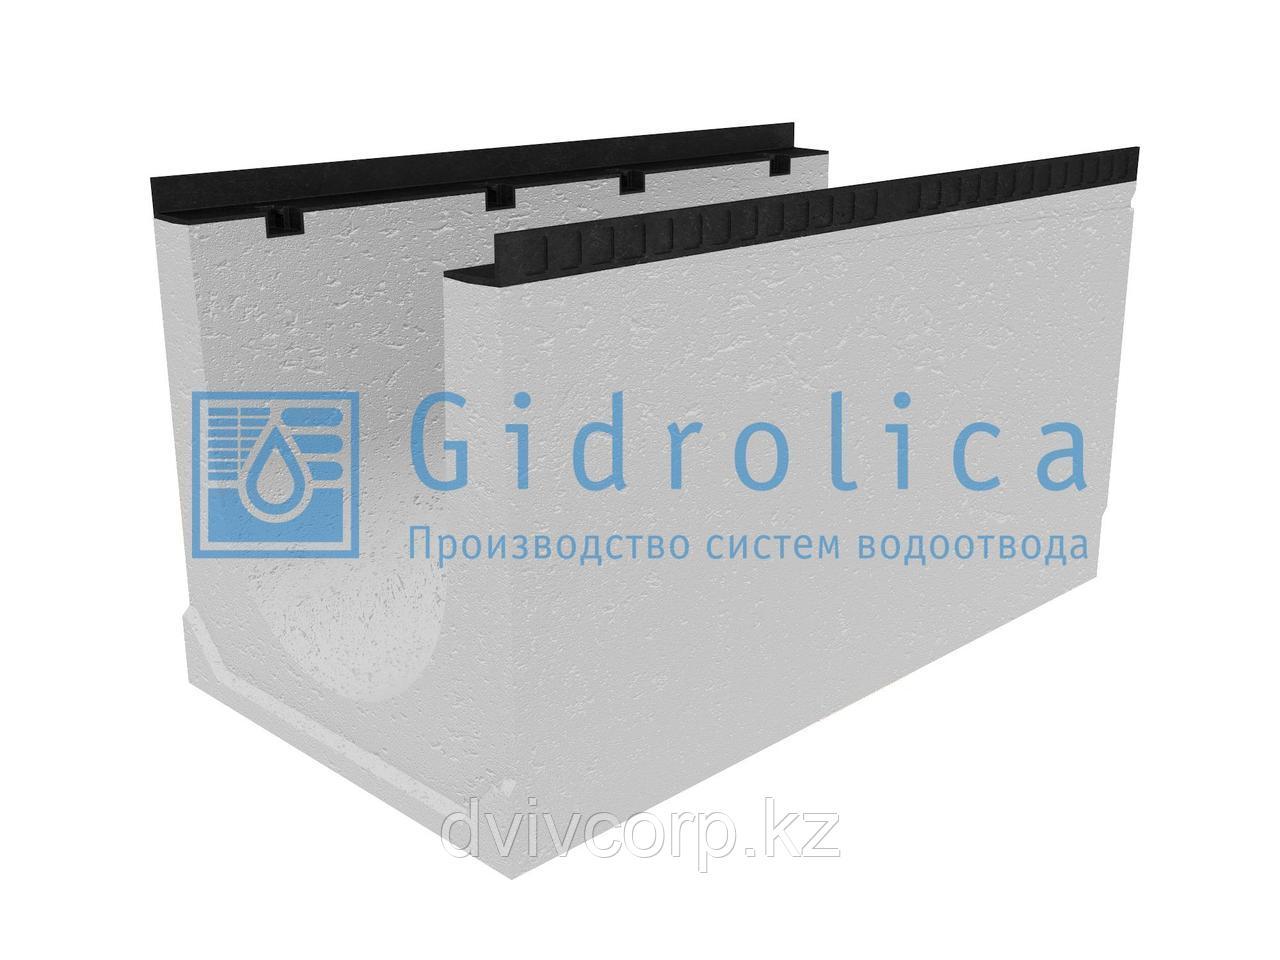 Лоток водоотводный бетонный коробчатый (СО-400мм), с уклоном 0,5%  КUу 100.54(40).55(47) - BGМ, № 20